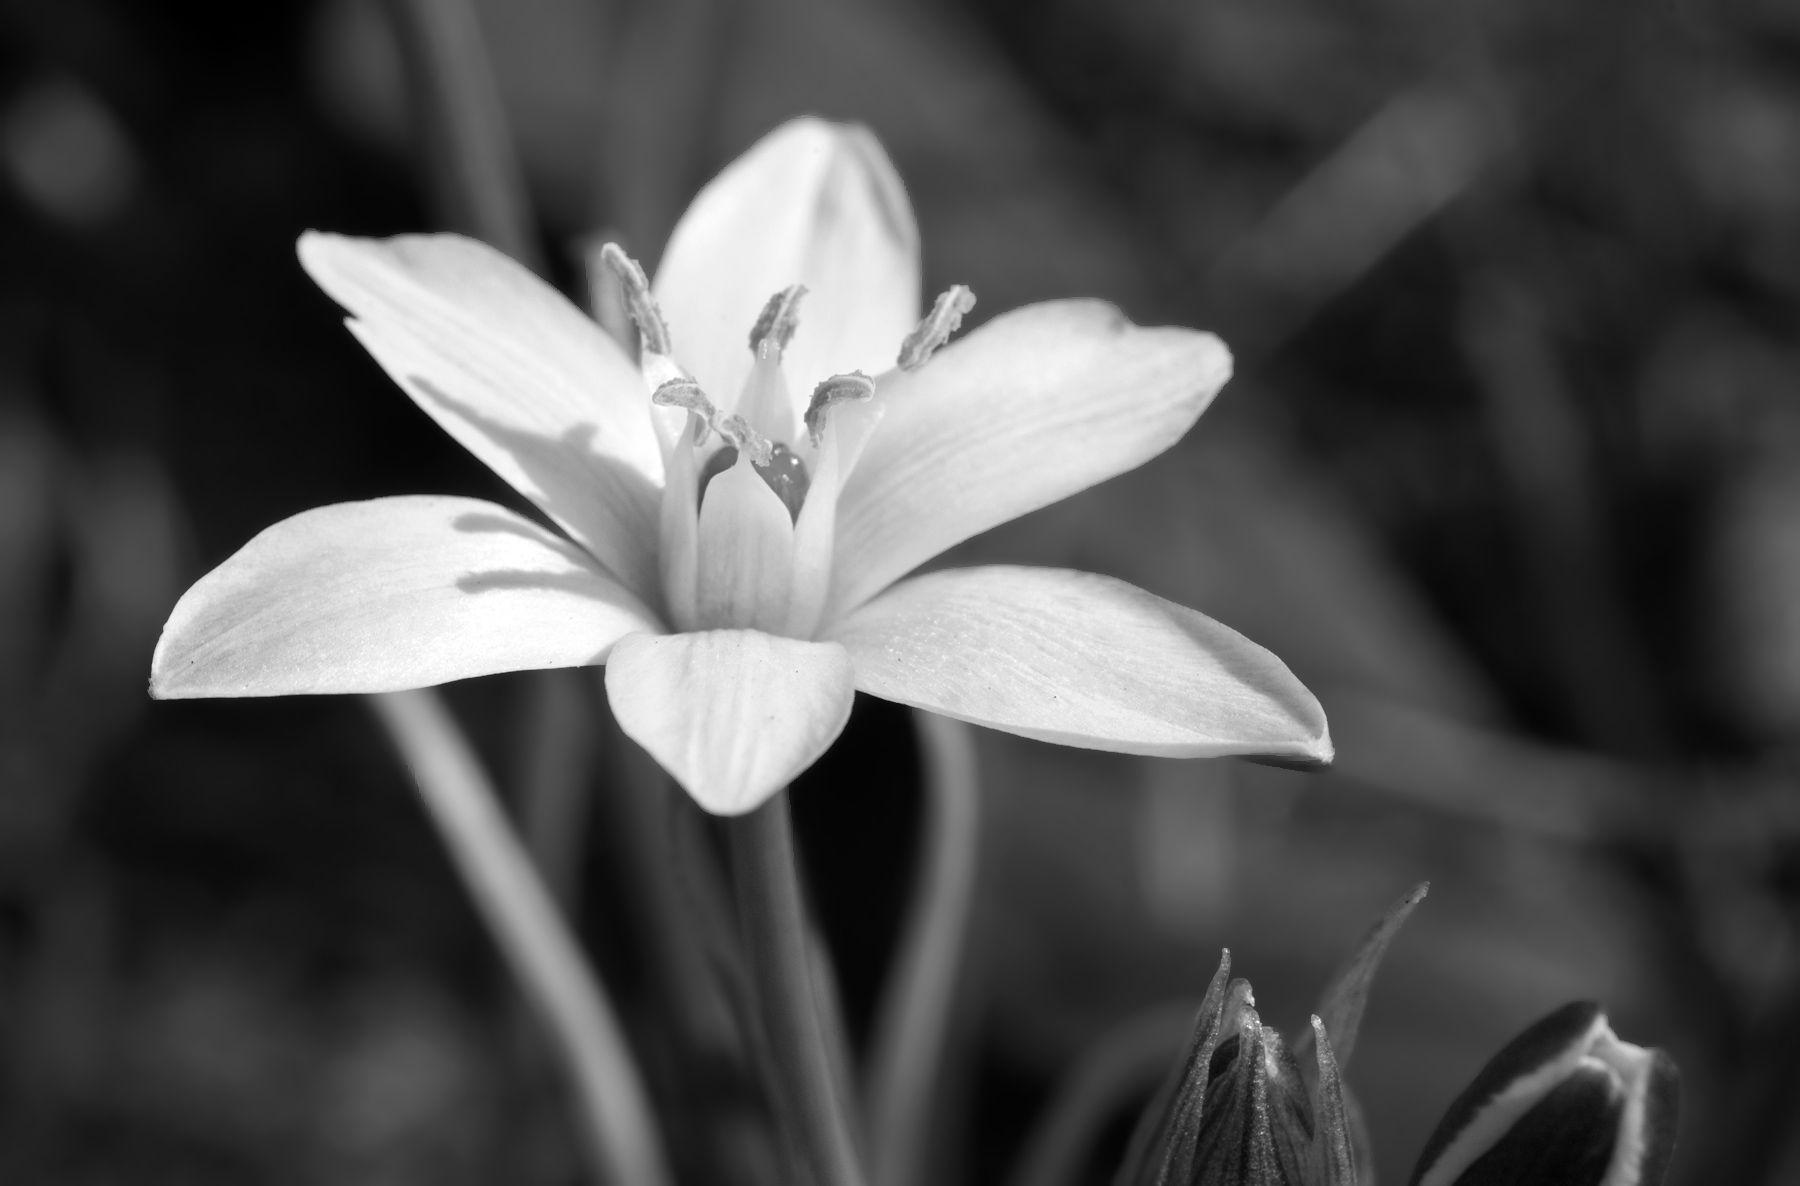 art prints for home and office - star-of-bethlehem flower photography art print in black & white